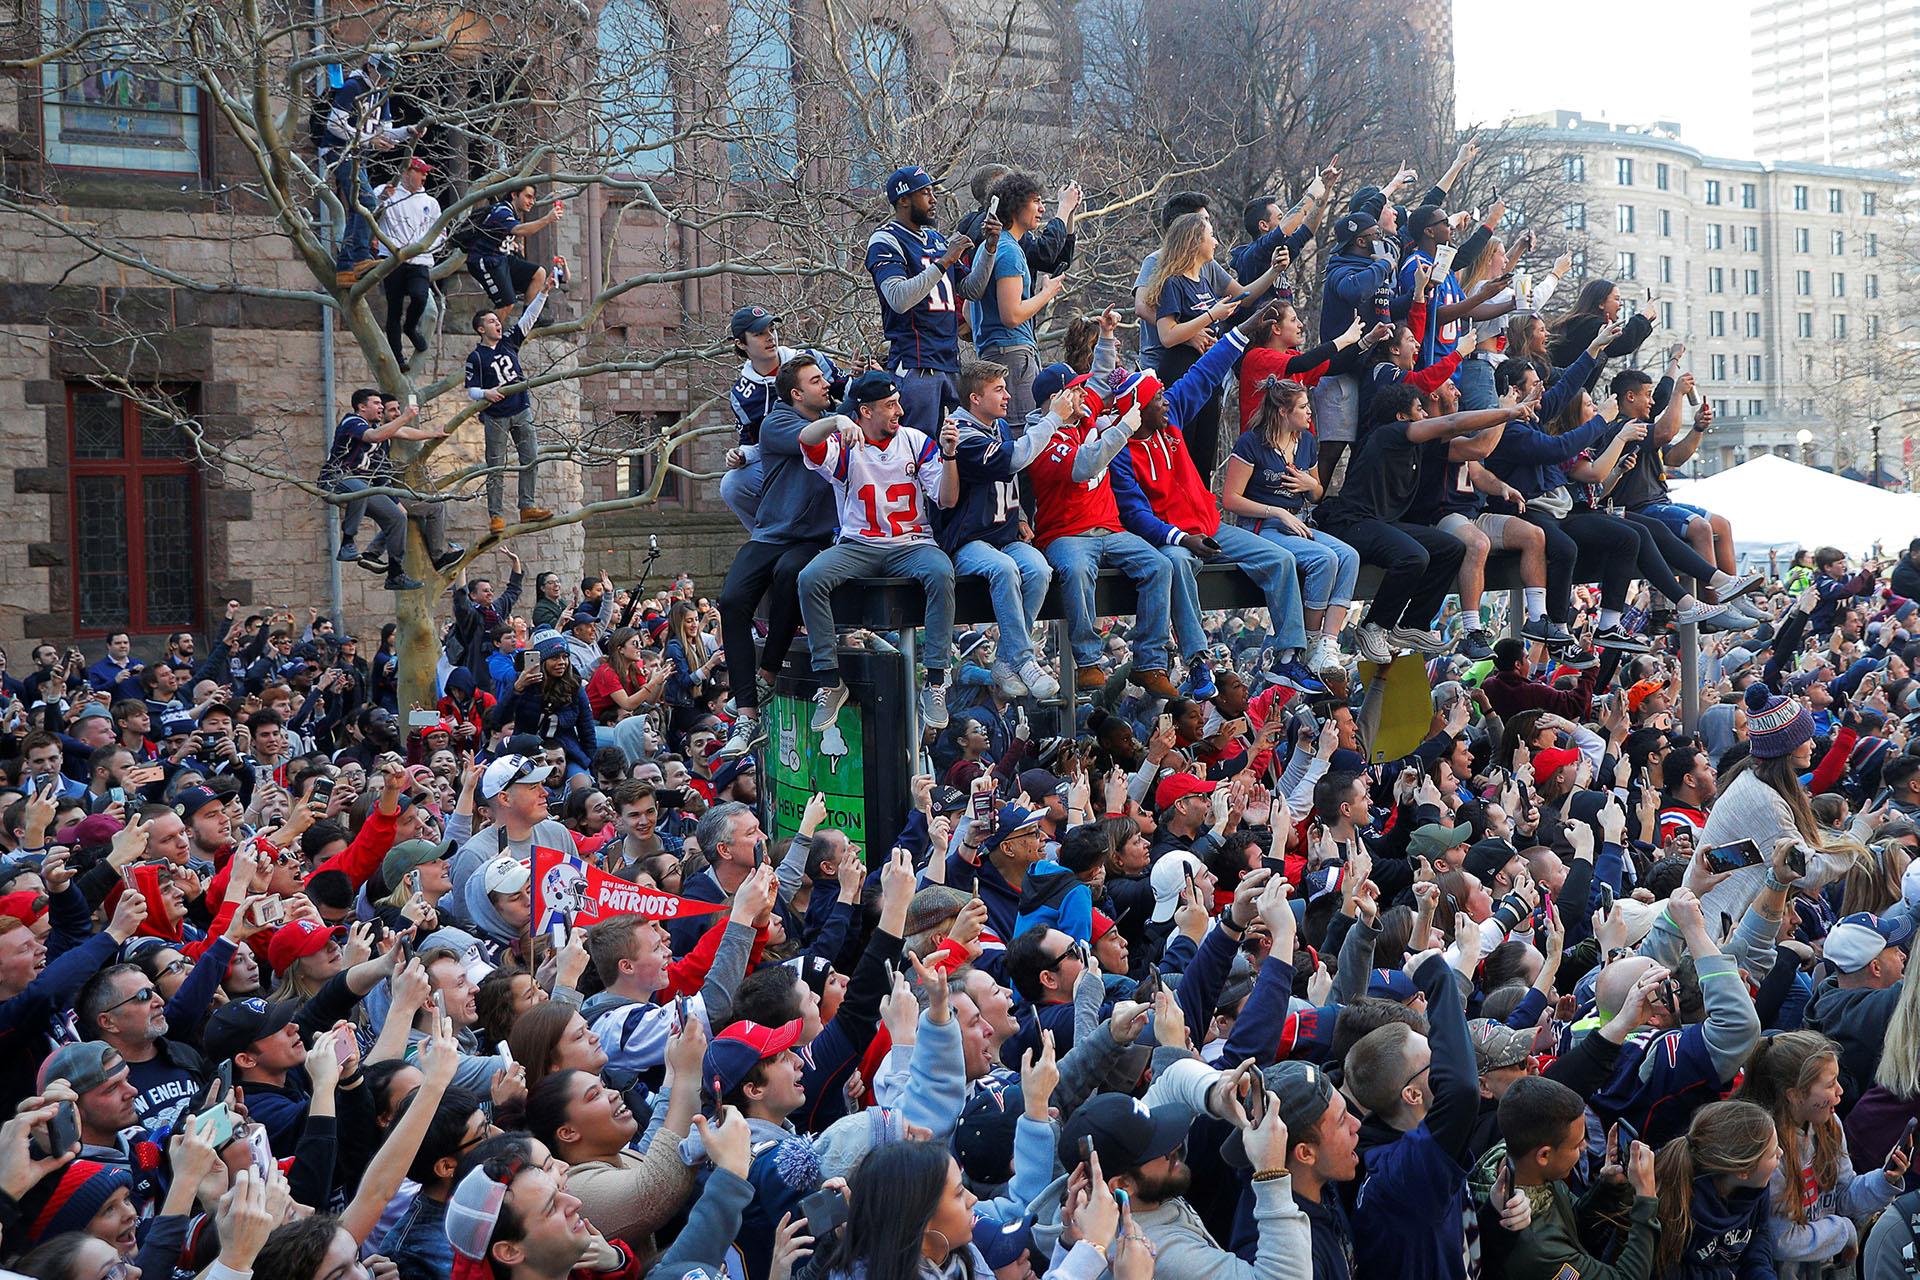 Los fans invadieron las calles de Boston para celebrar junto al equipo